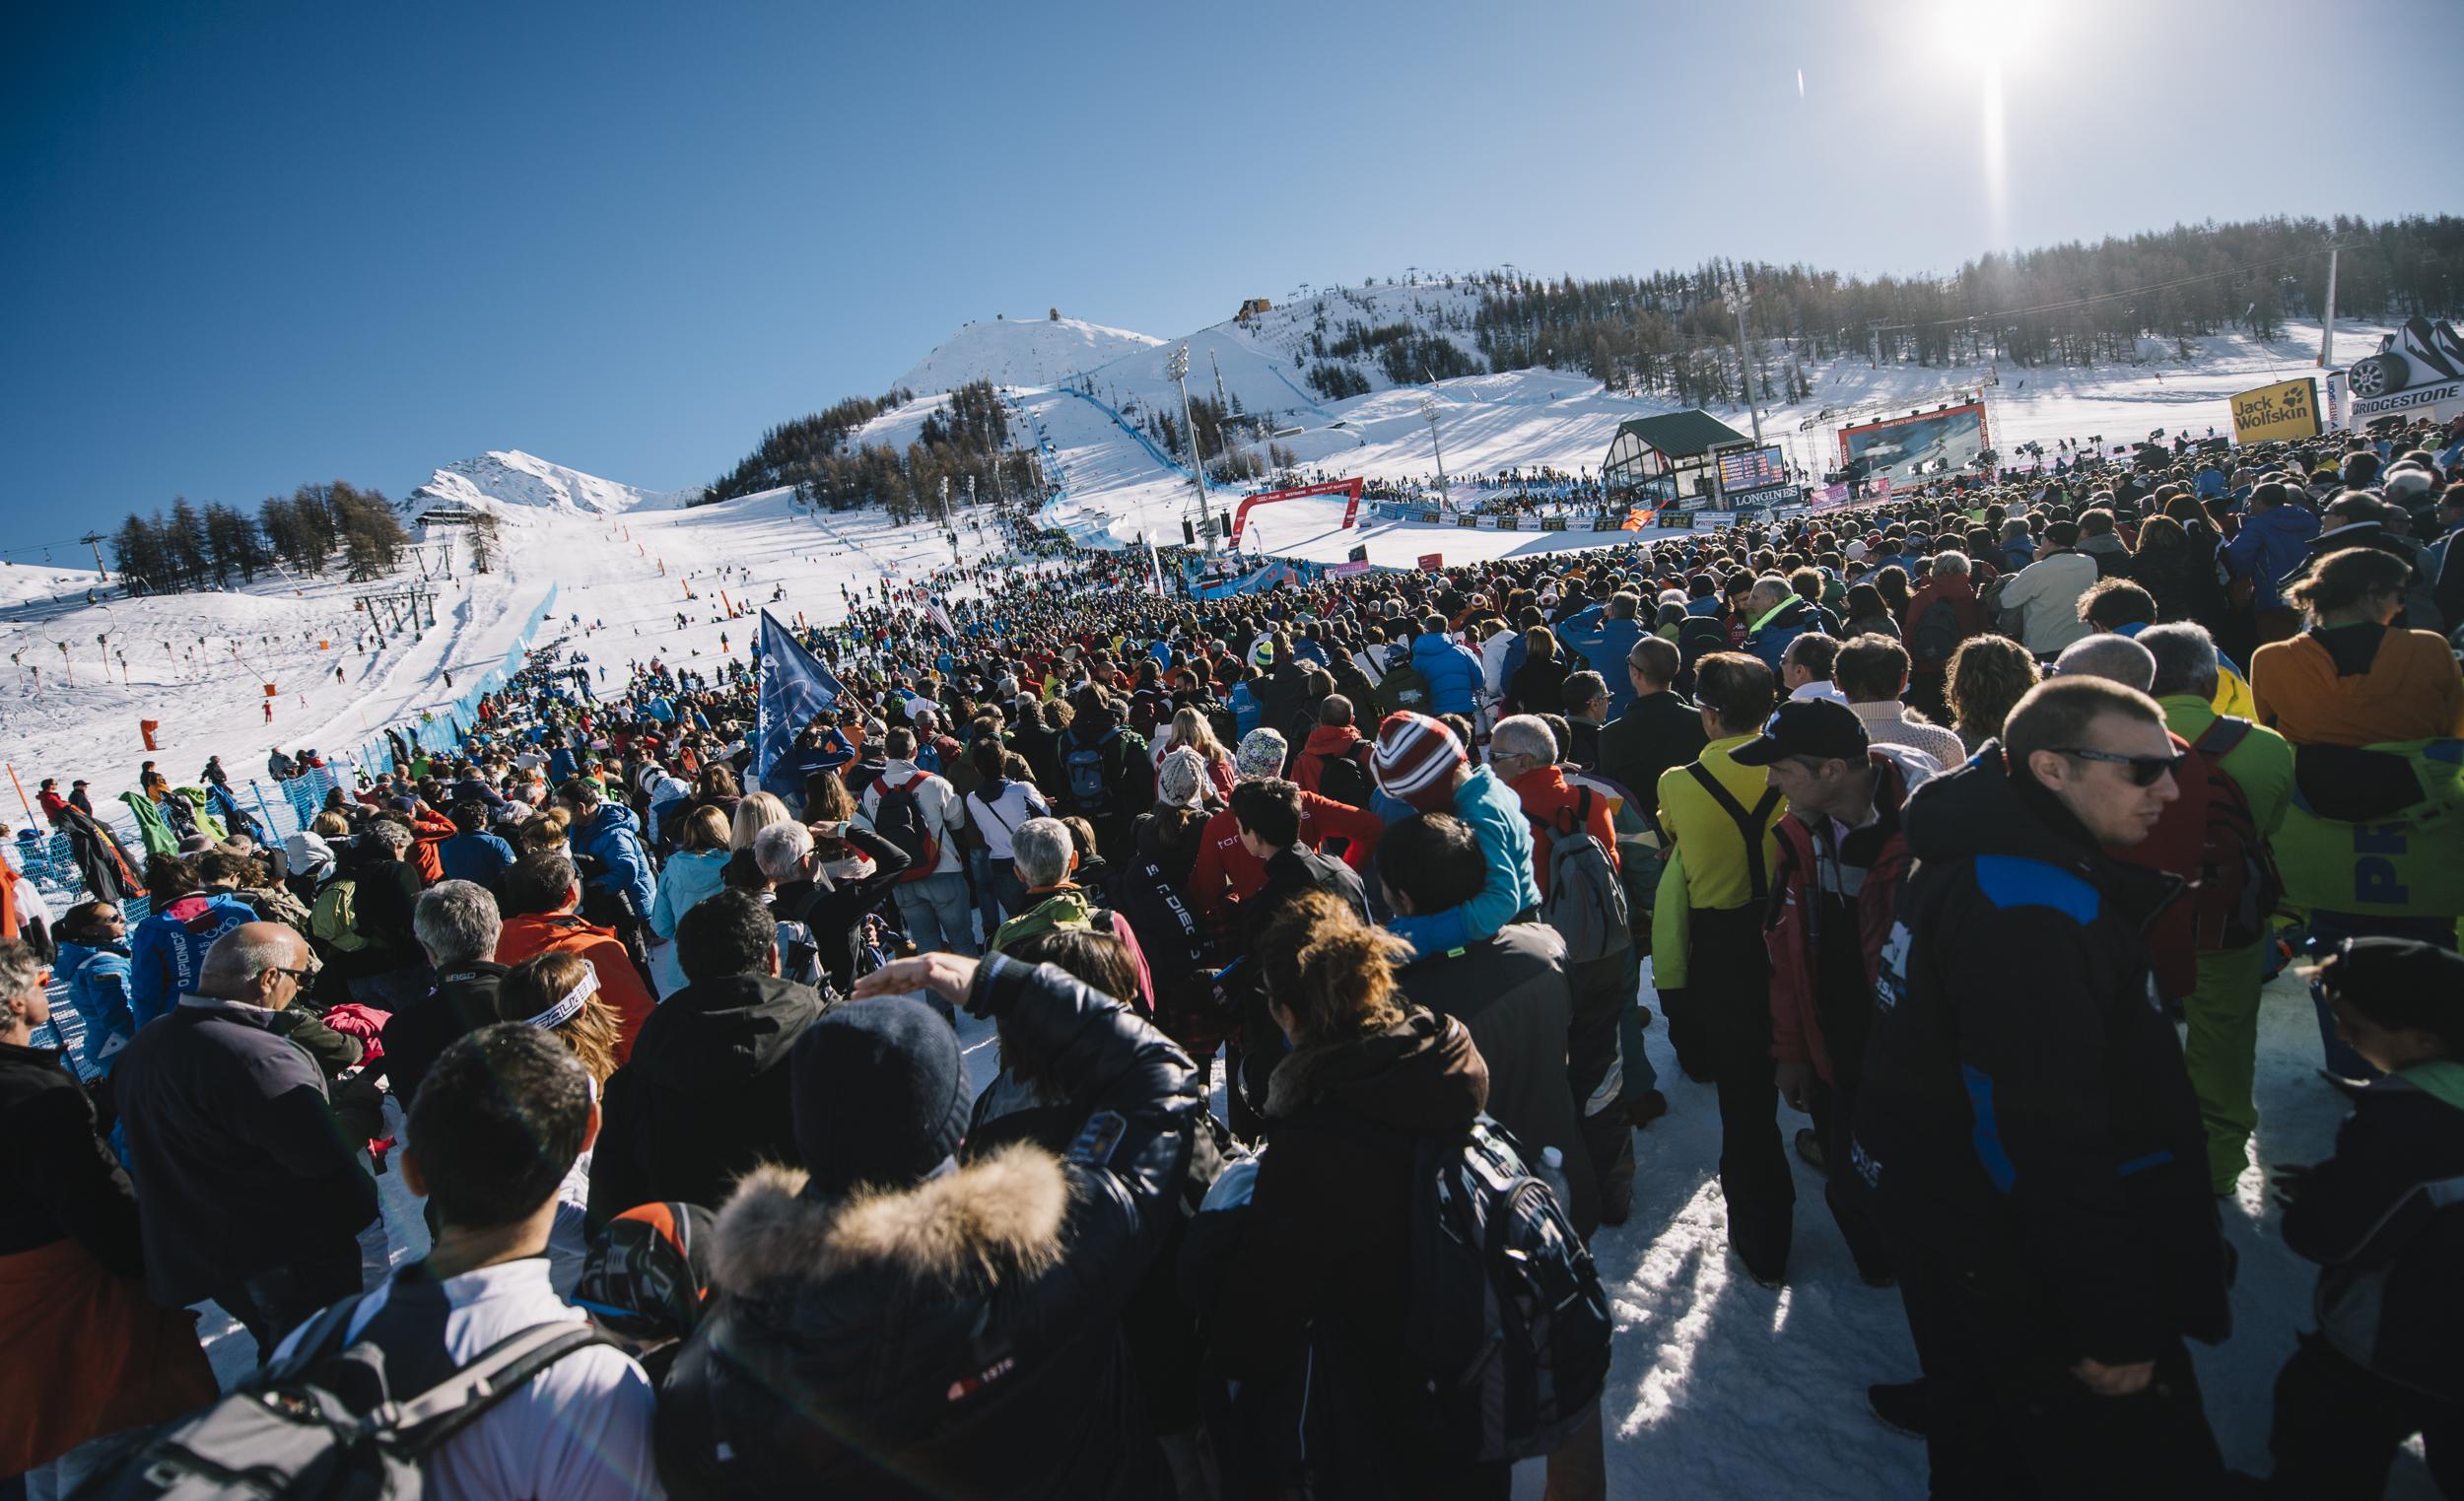 Conferenza Stampa Vialattea stagione invernale 2019/2020: da domani puoi acquistare il tuo skipass stagionale!